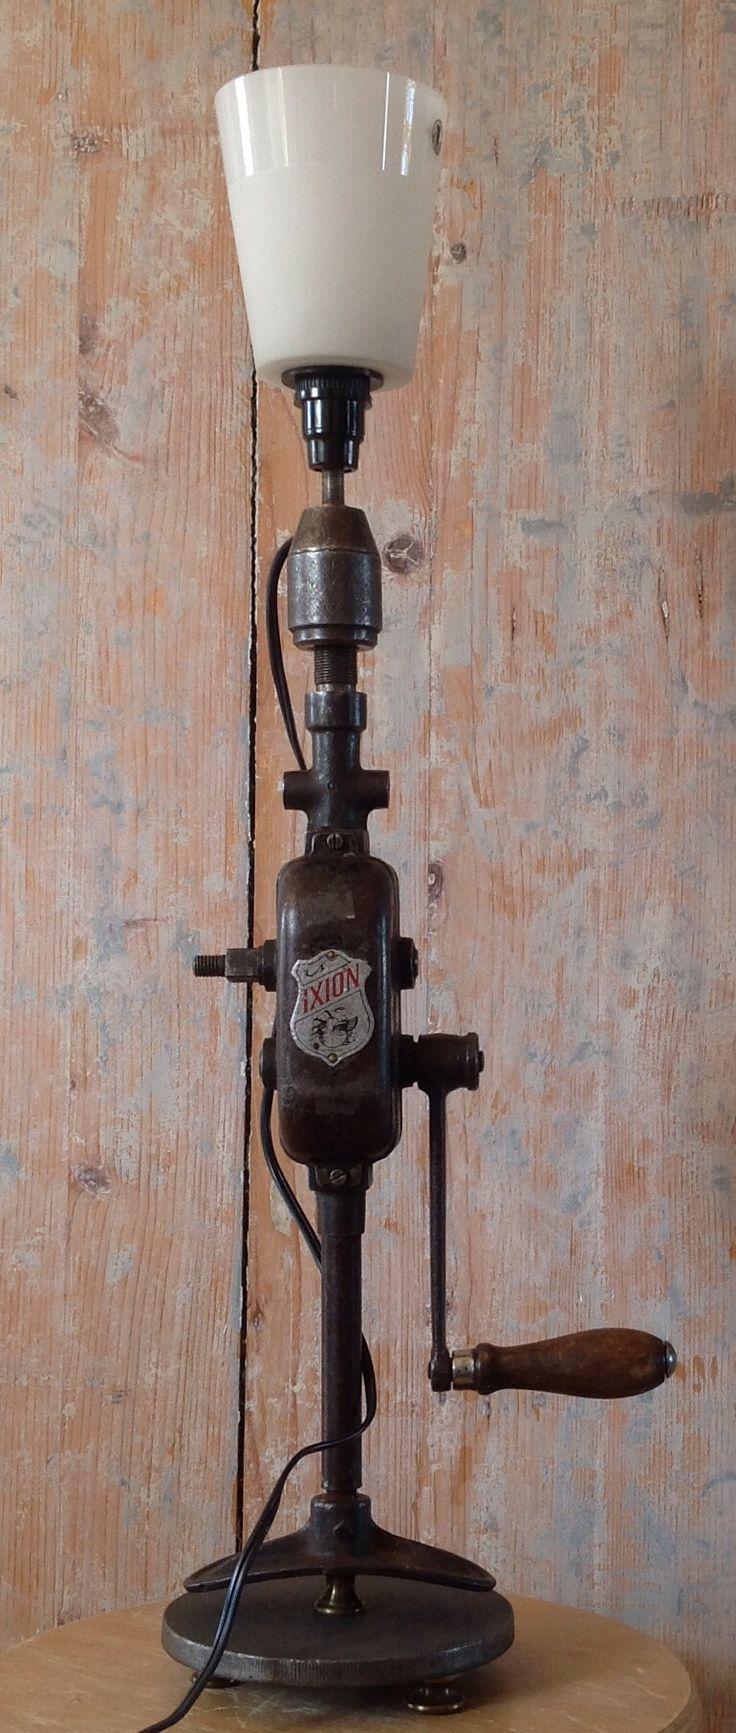 Ixion handboor lamp (op zware standaard). 85,-